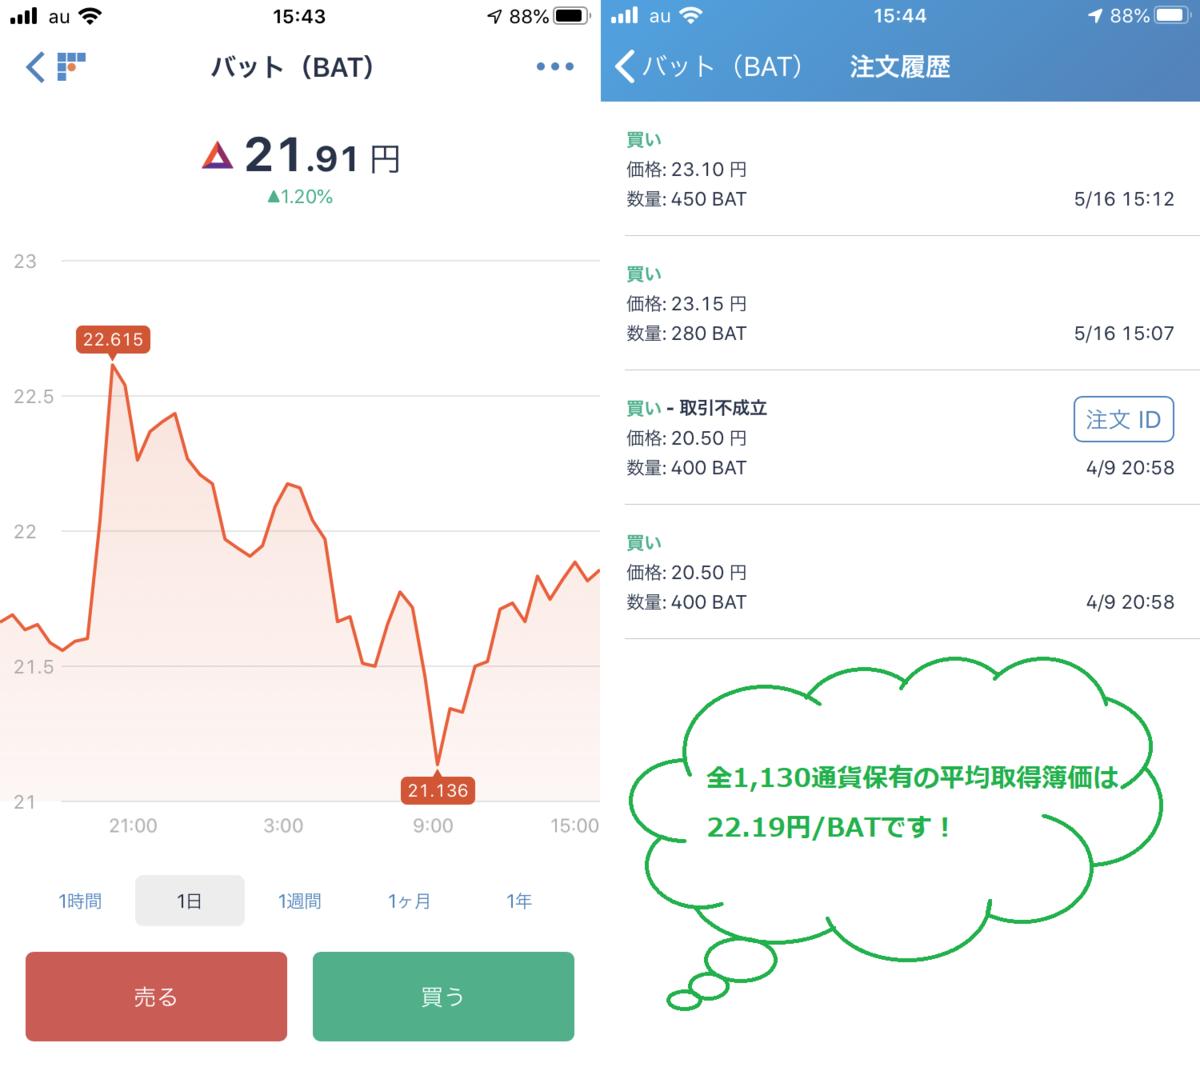 株で稼ぐ Kensinhan の投資ブログ 仮想通貨 ベーシックアテンショントークン(BAT)